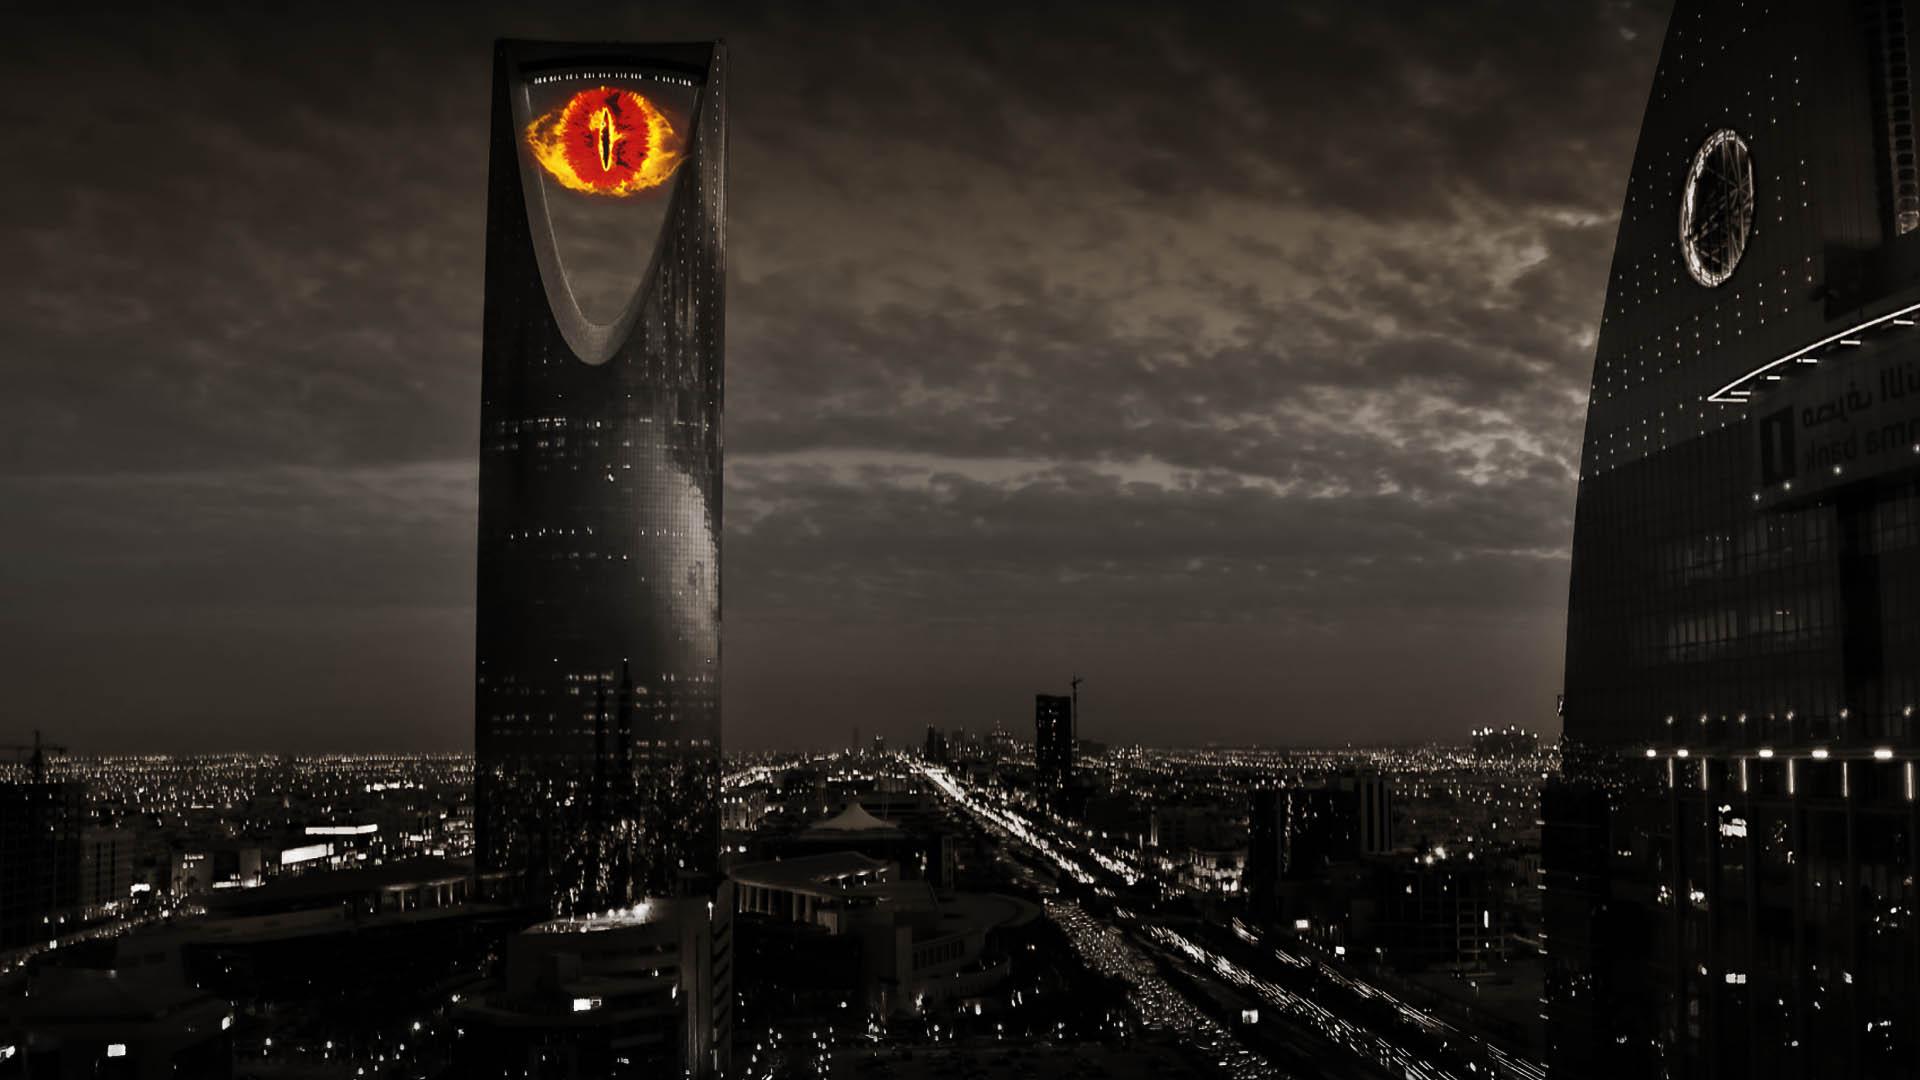 «Η Σαουδική Αραβία δεν μπορεί να ορθώσει το ανάστημα της απέναντι στις πετρελαϊκές ιδιοτροπίες των ΗΠΑ»